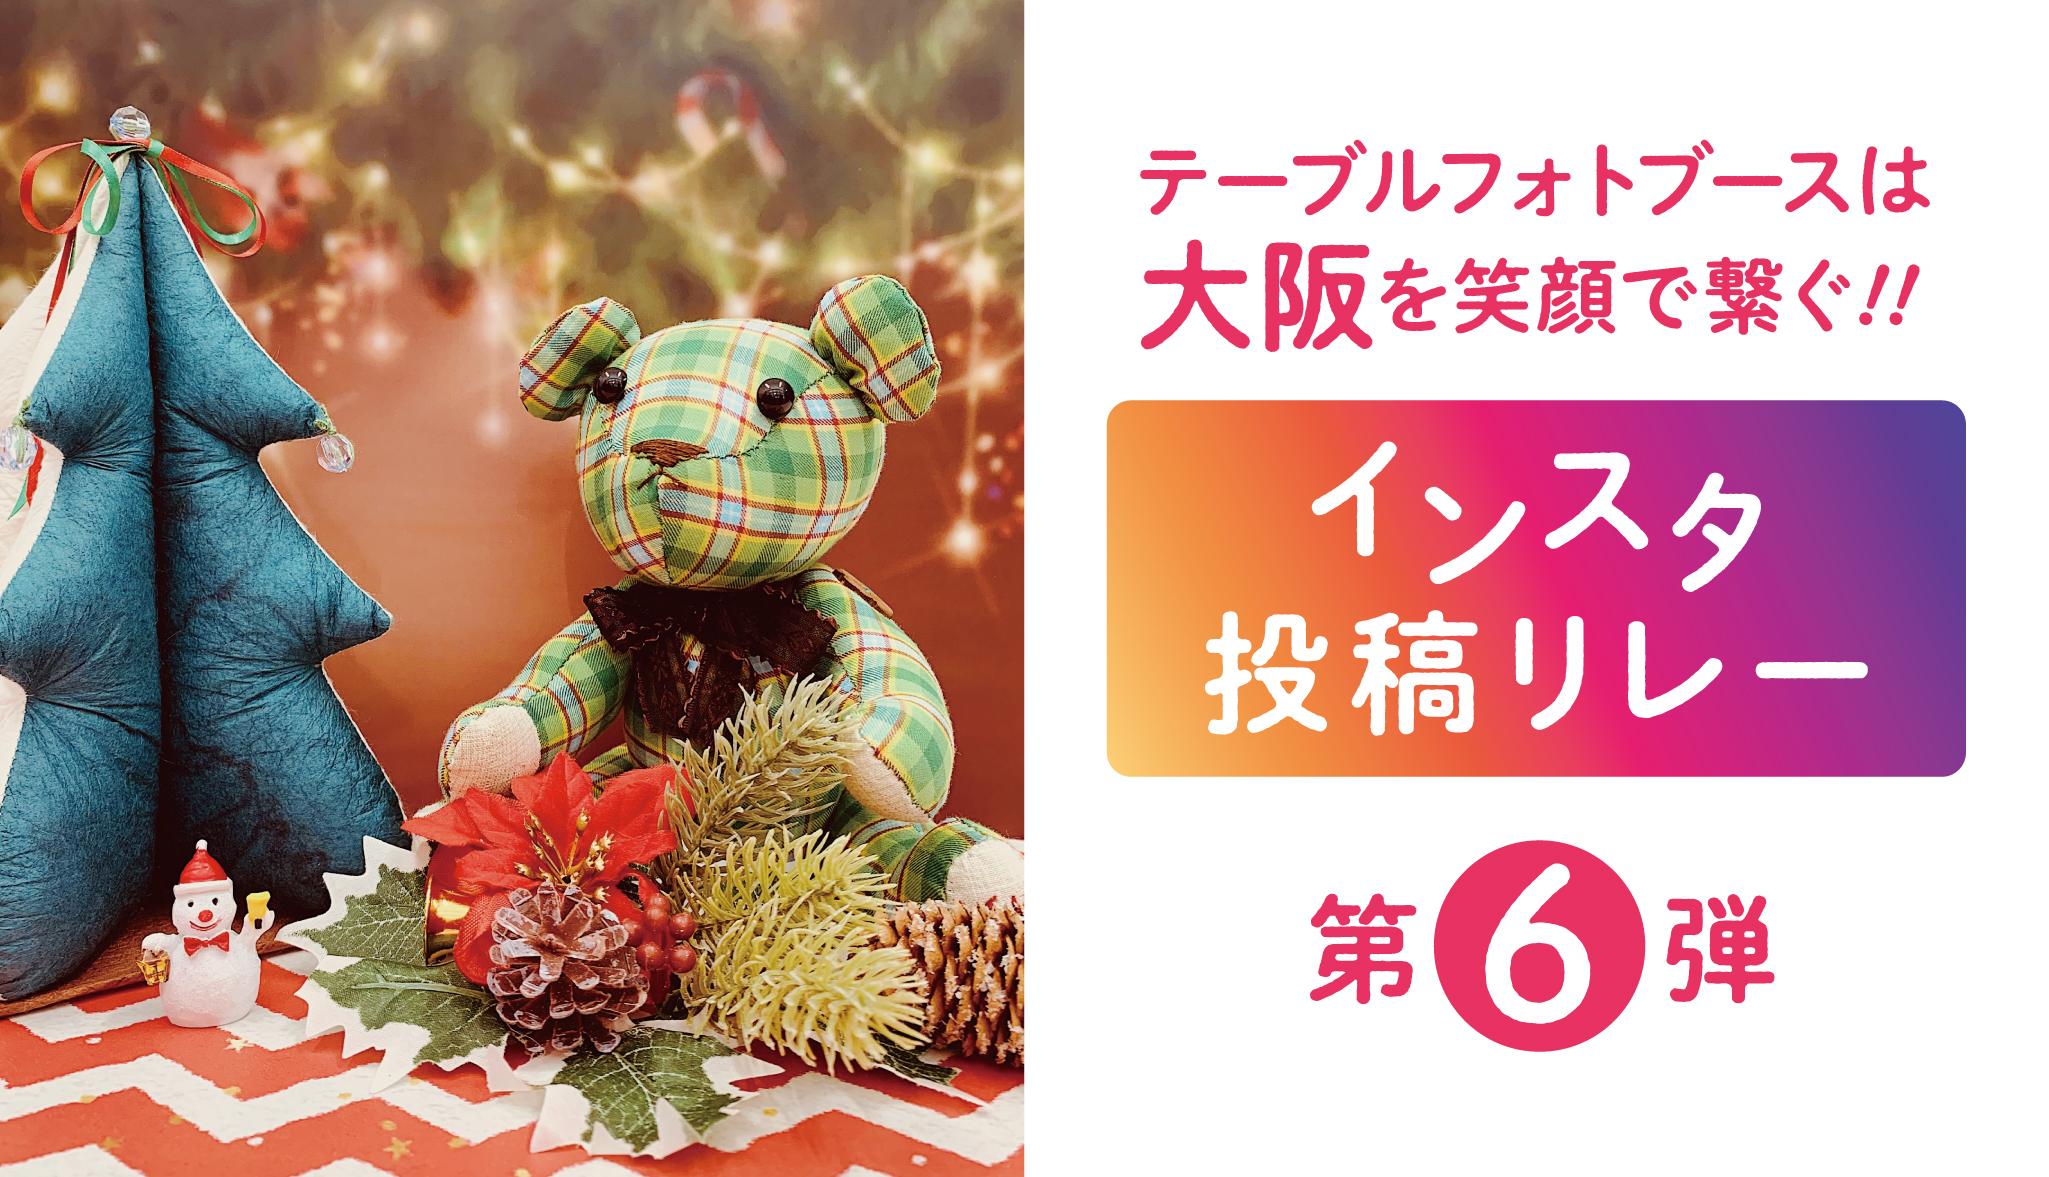 『テーブルフォトブースで大阪を笑顔で繋ぐ!!インスタ投稿リレー』第6弾!!